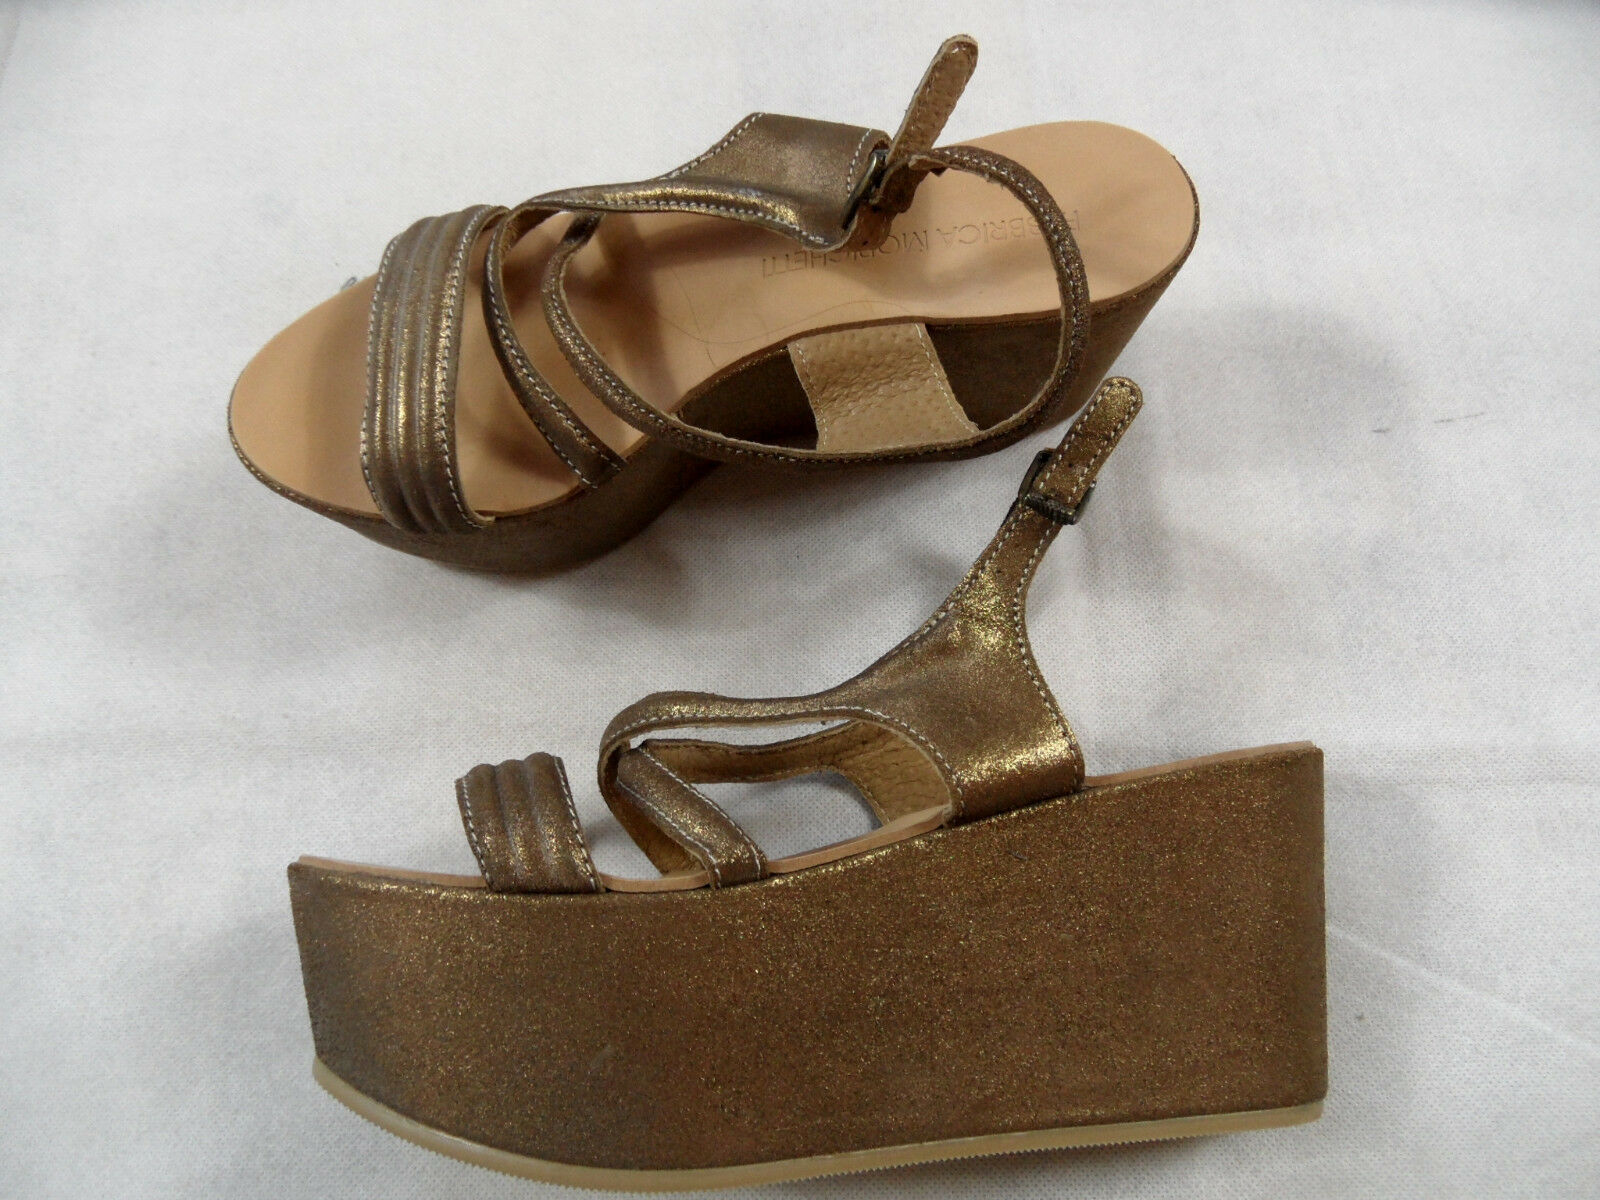 Fabbrica Fabbrica Fabbrica morichetti elegantes sandalias de plataforma oro talla 37 nuevo bb718  costo real